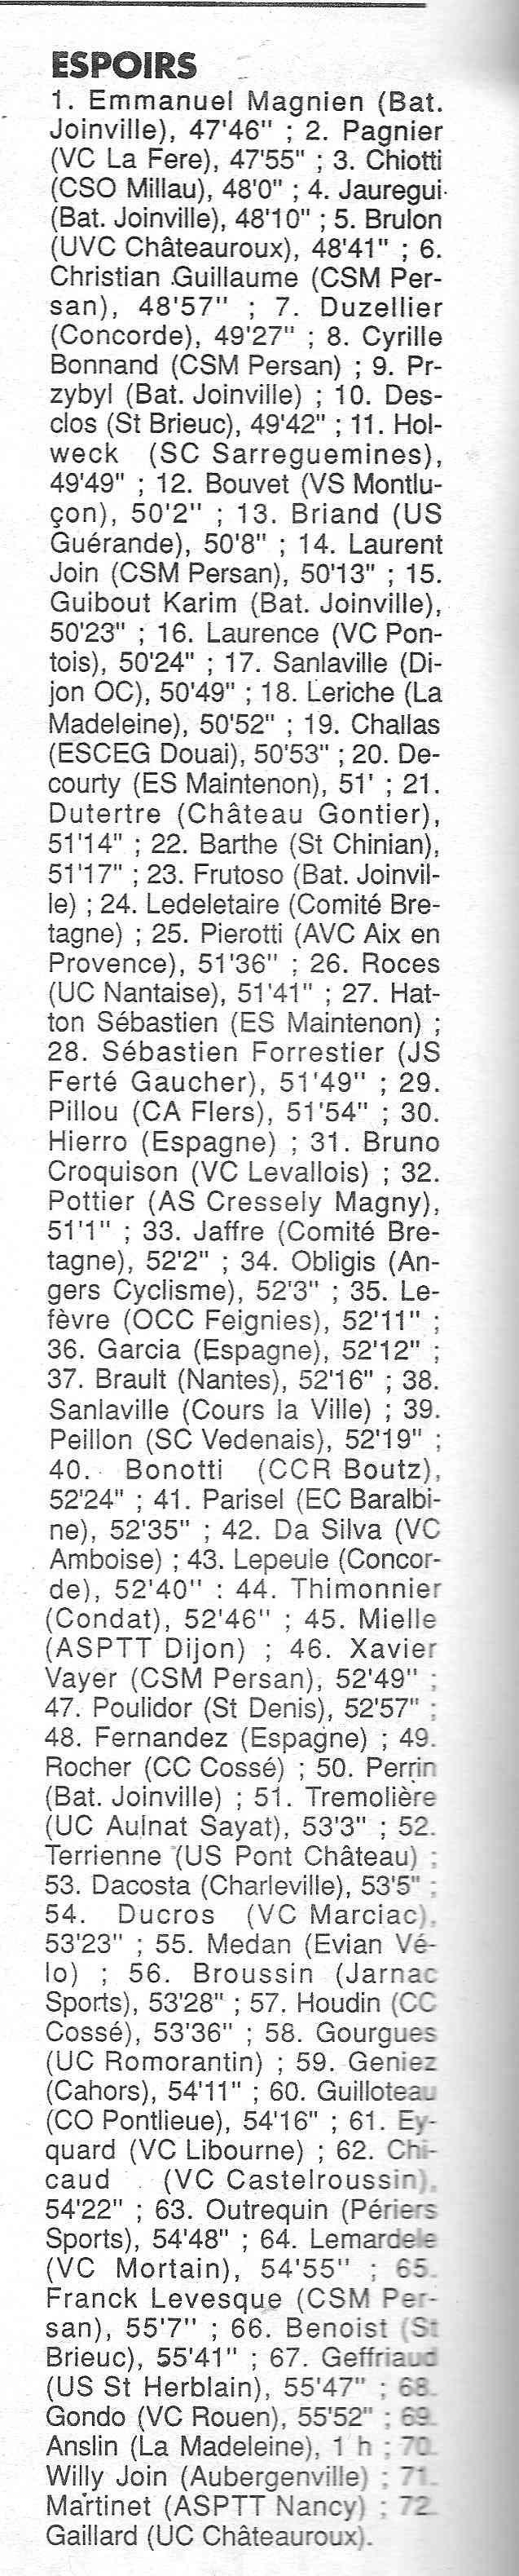 CSM.Persan. BIC. Toute une époque de janvier 1990 à novembre 2007 - Page 4 1990_204